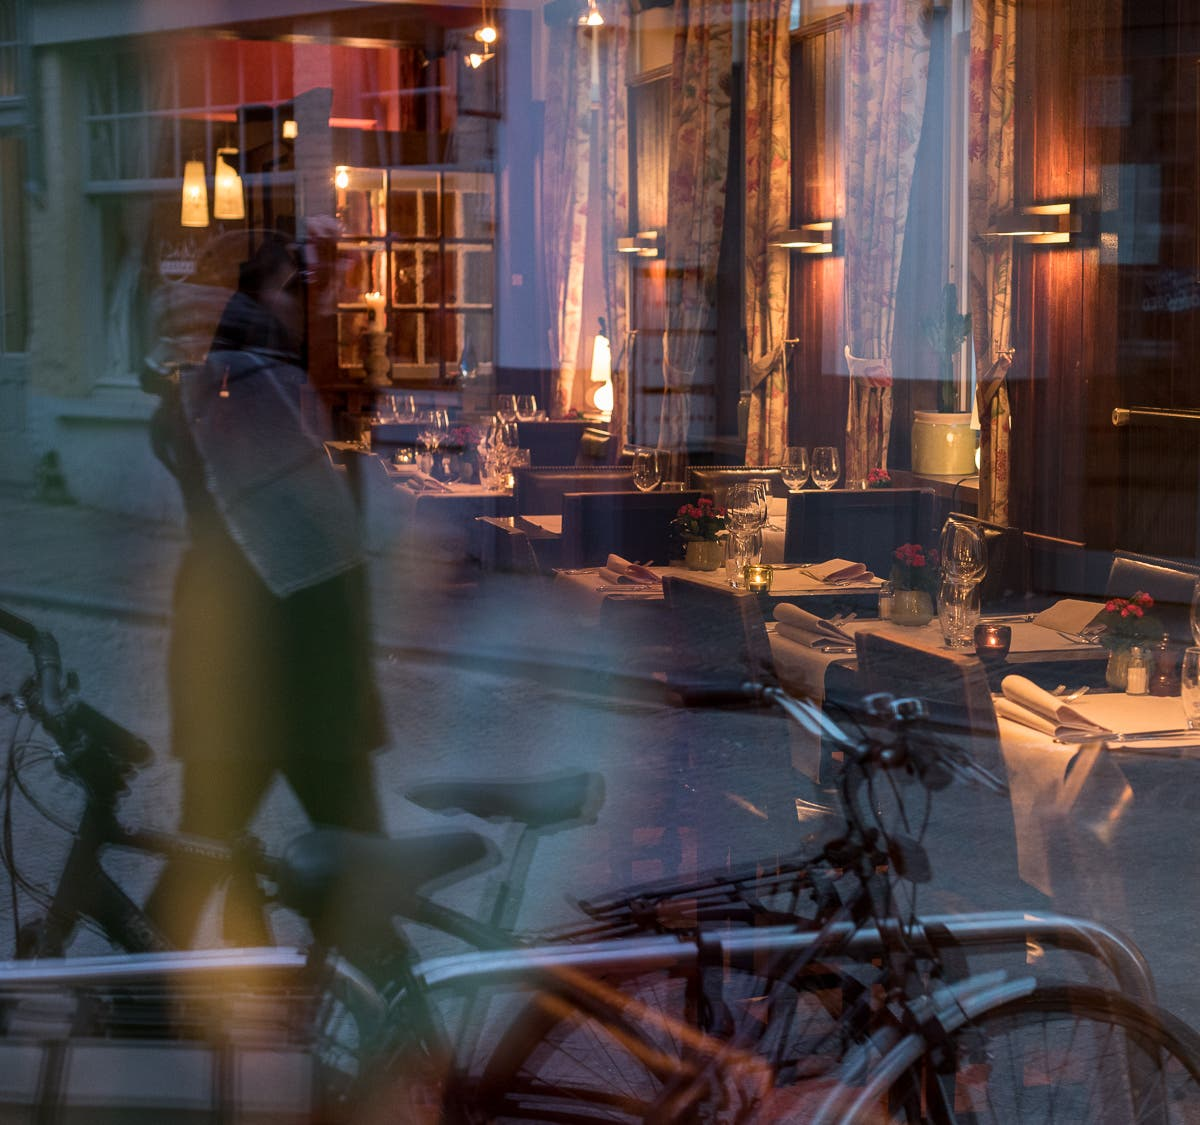 Spiegelung in Fenster von Restaurant